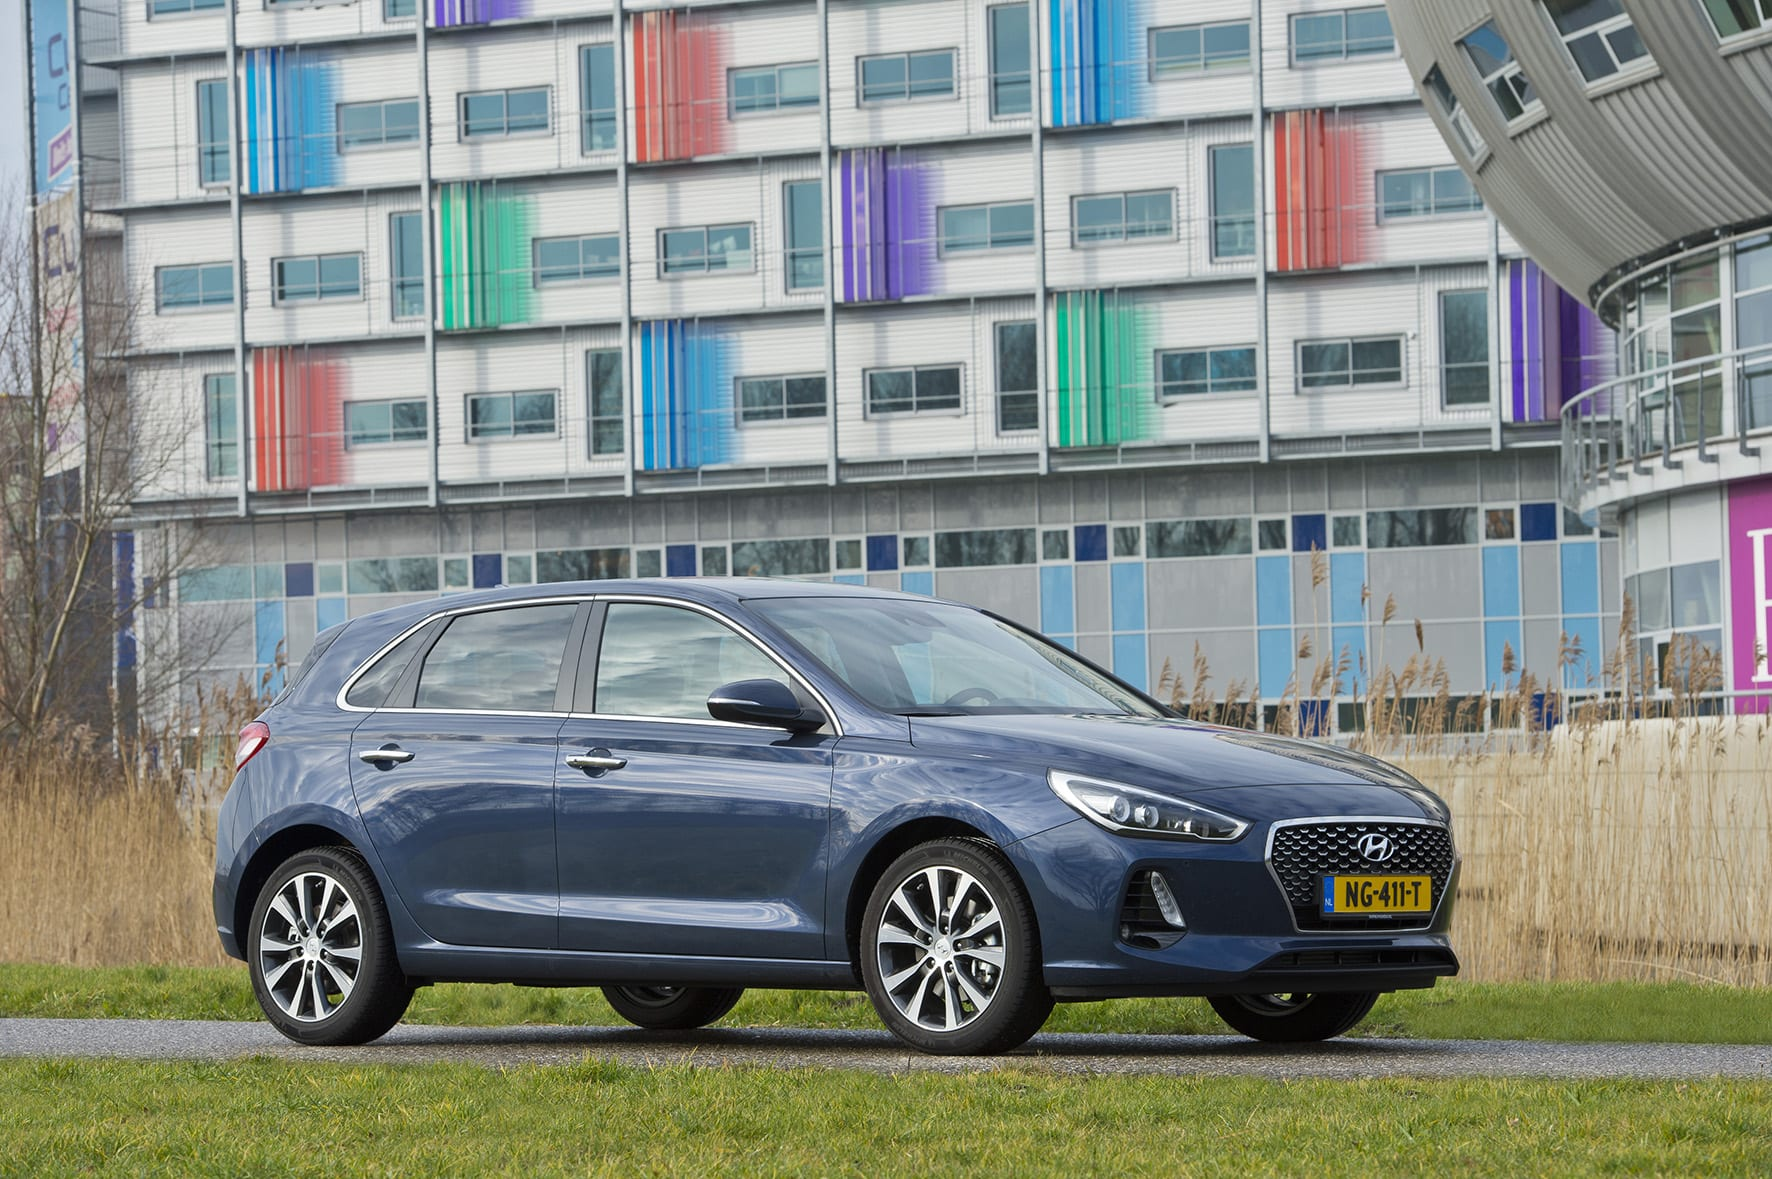 Hyundai i30 exterieur